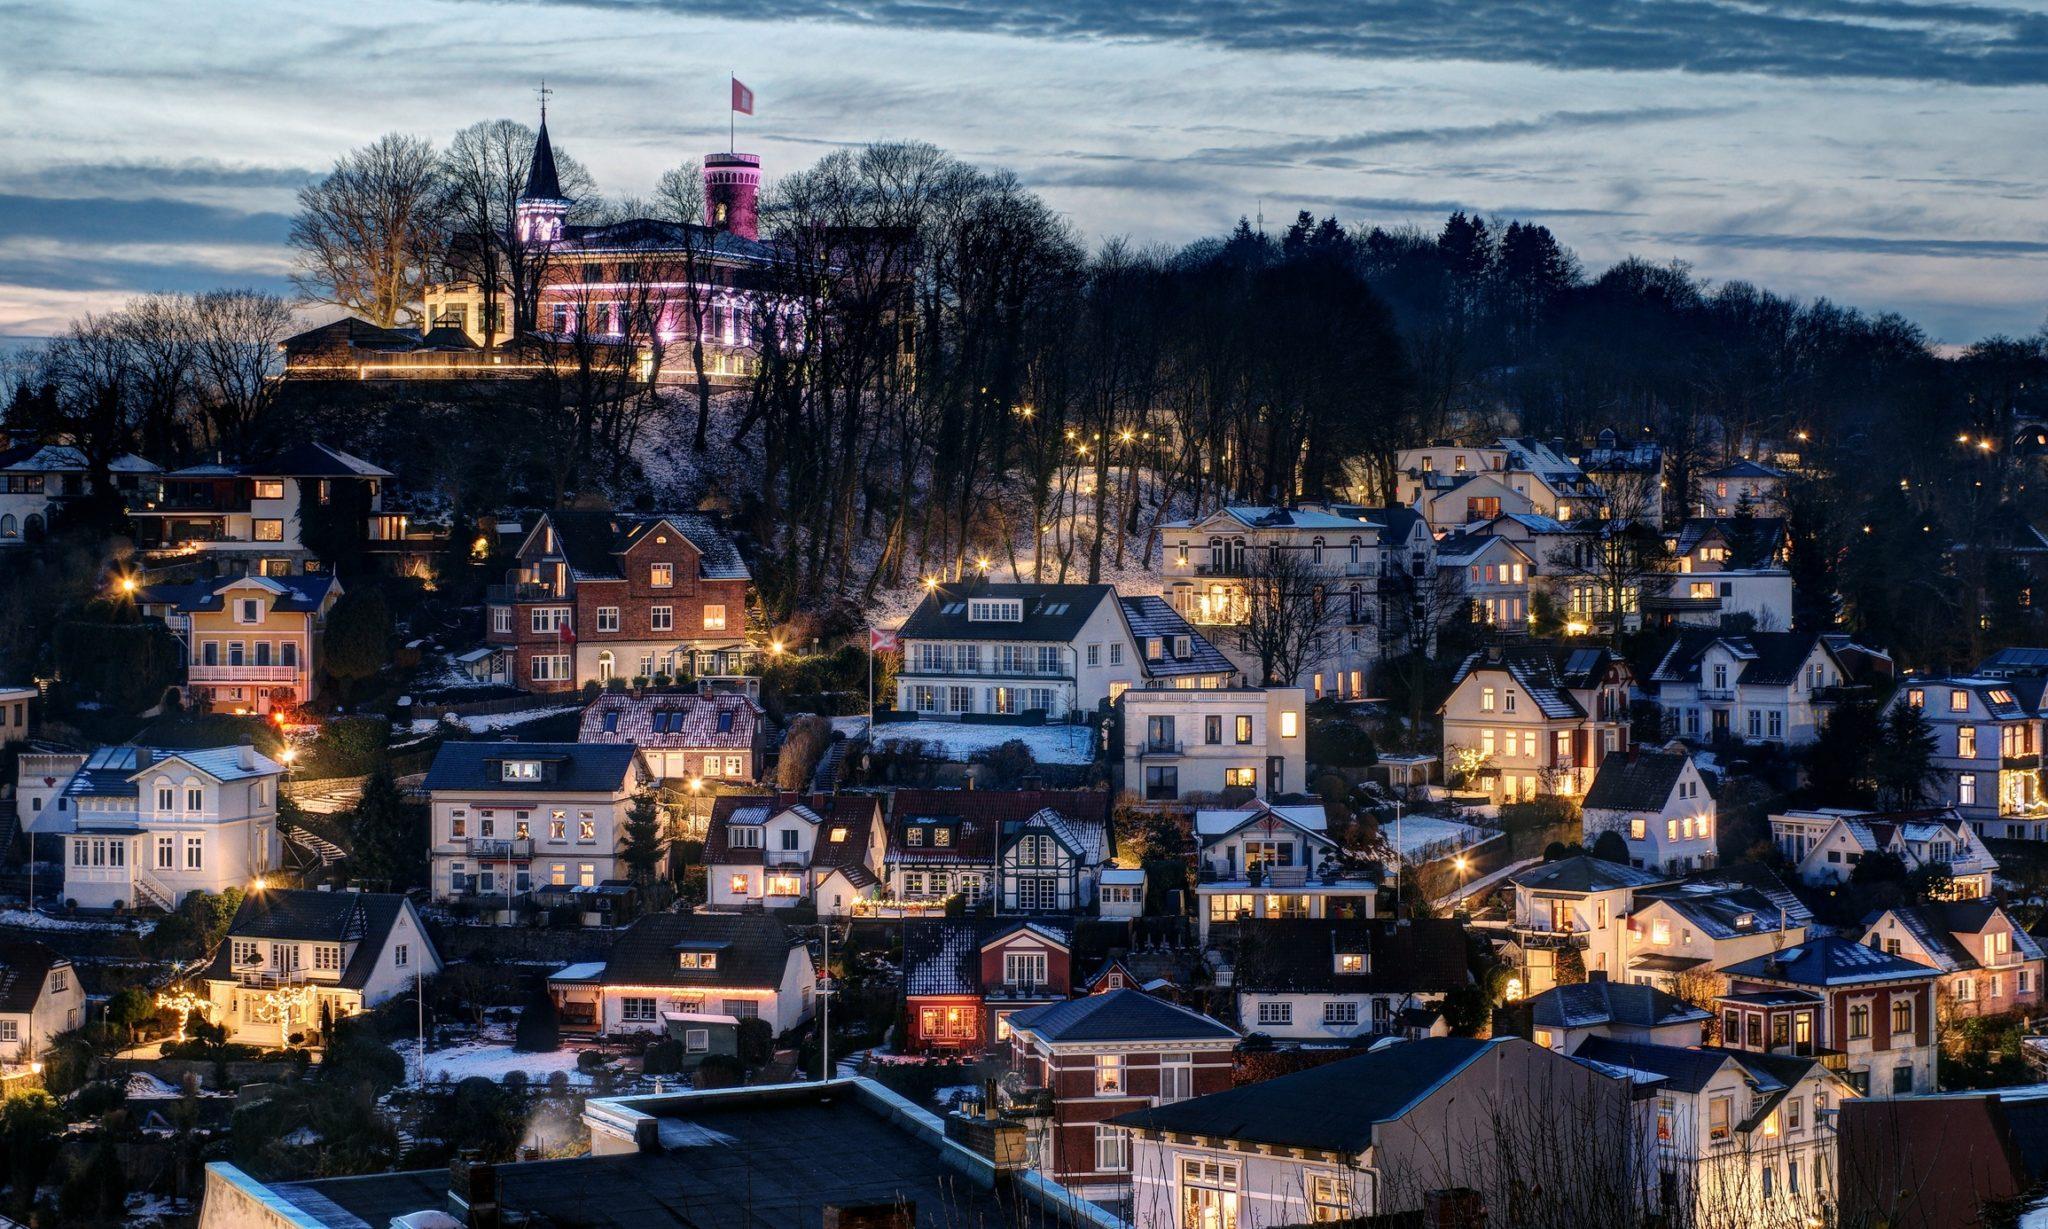 Haushaltsauflösung und Entrümpelung in Hamburg Blankenese